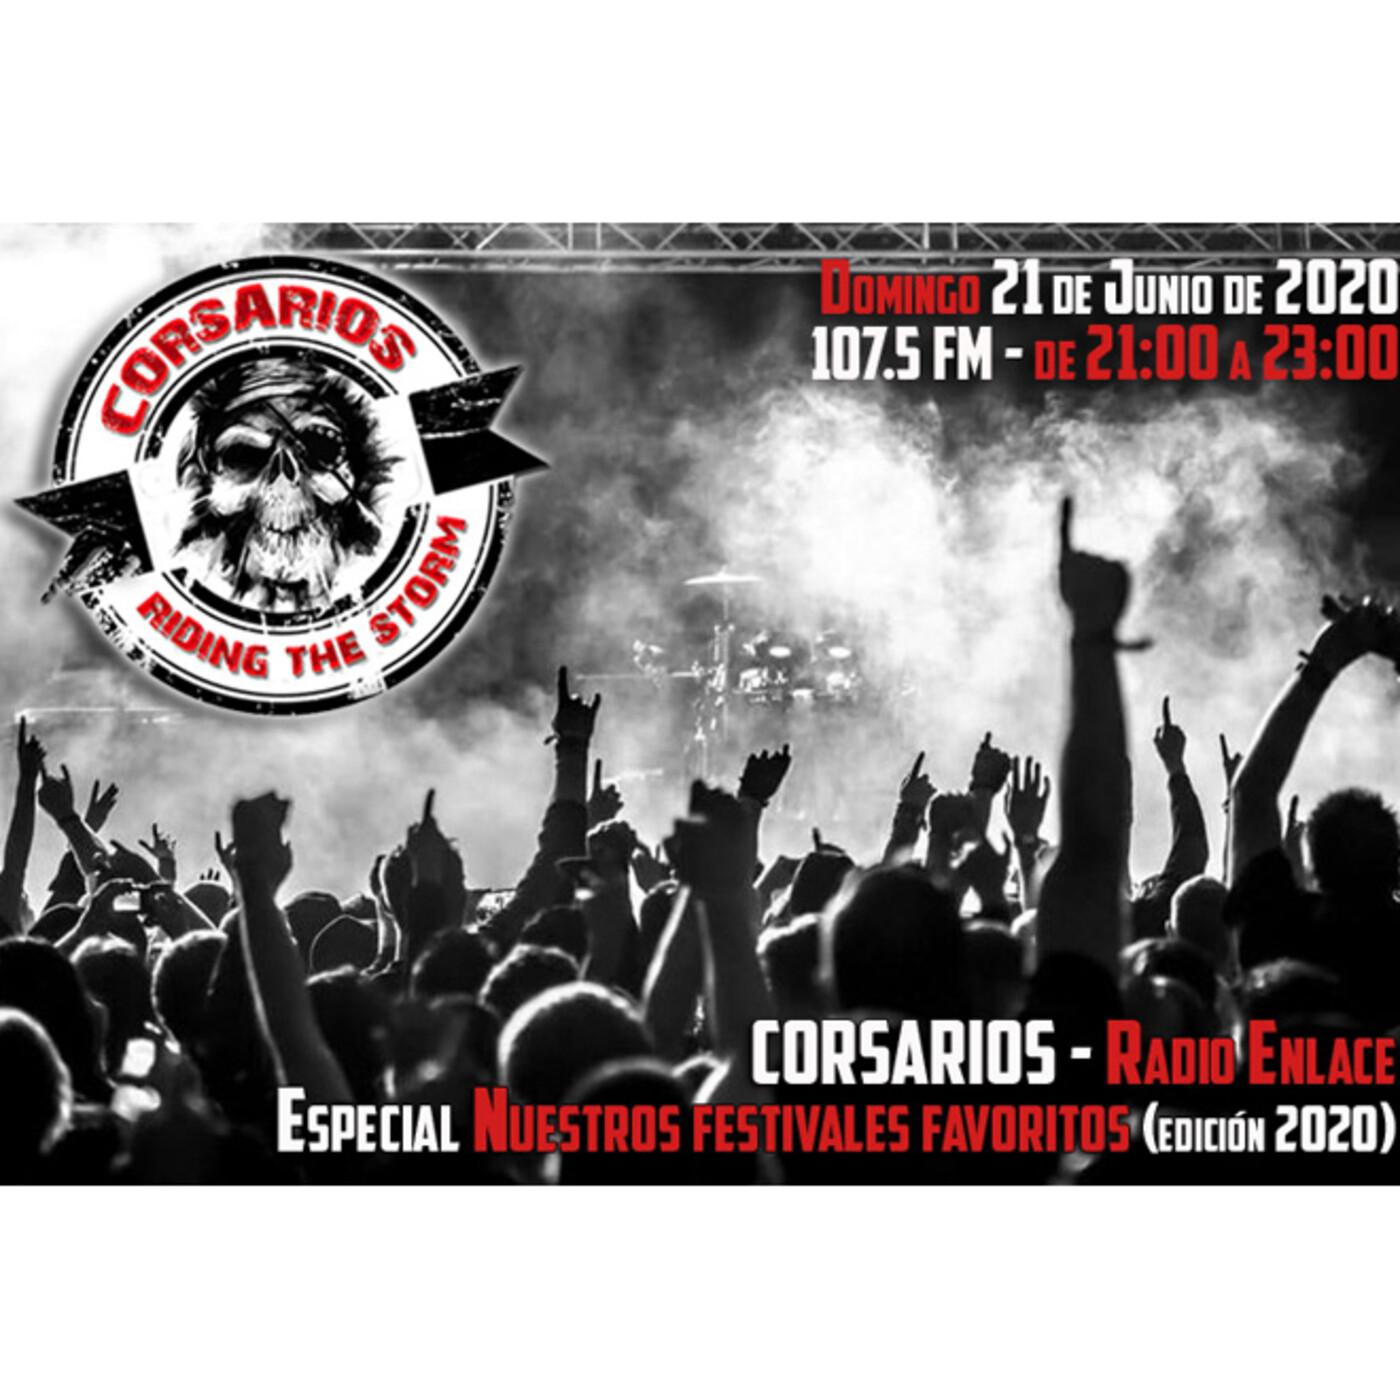 Corsarios - Especial festivales 2020 (edición Covid19) - Domingo 21 Junio 2020